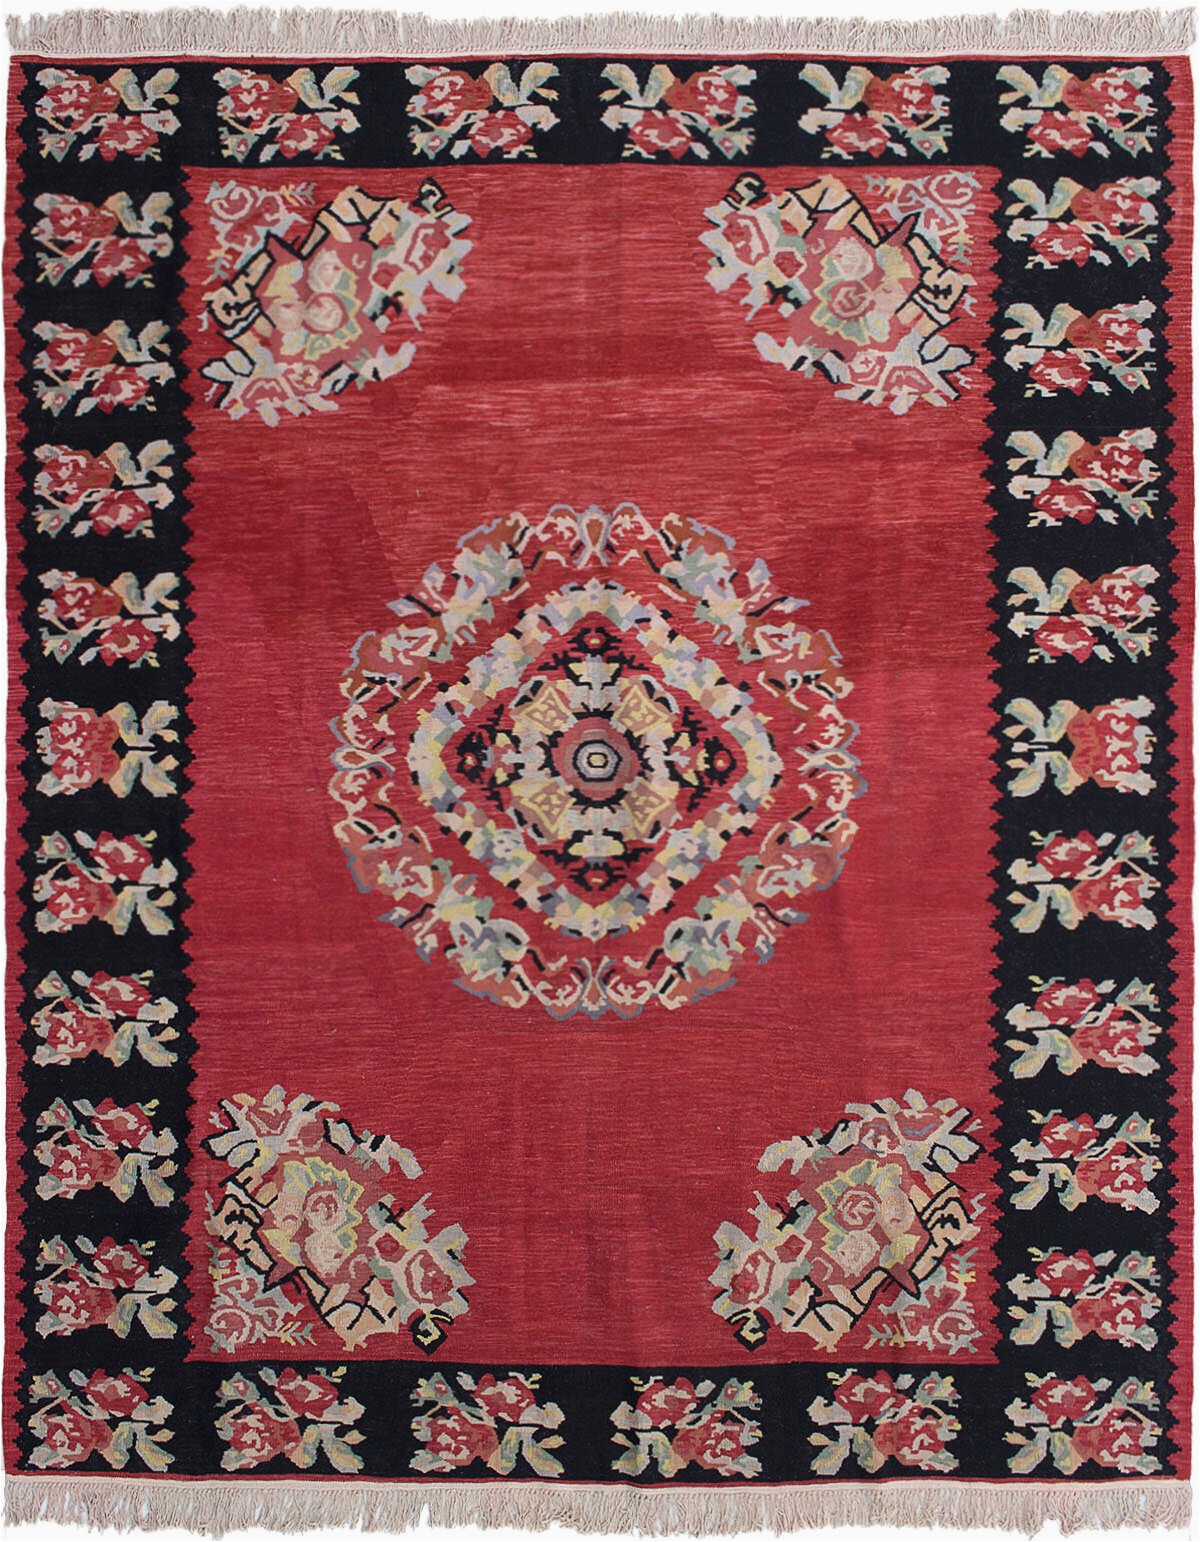 bauxite floral handmade flatweave wool redblackcream area rug